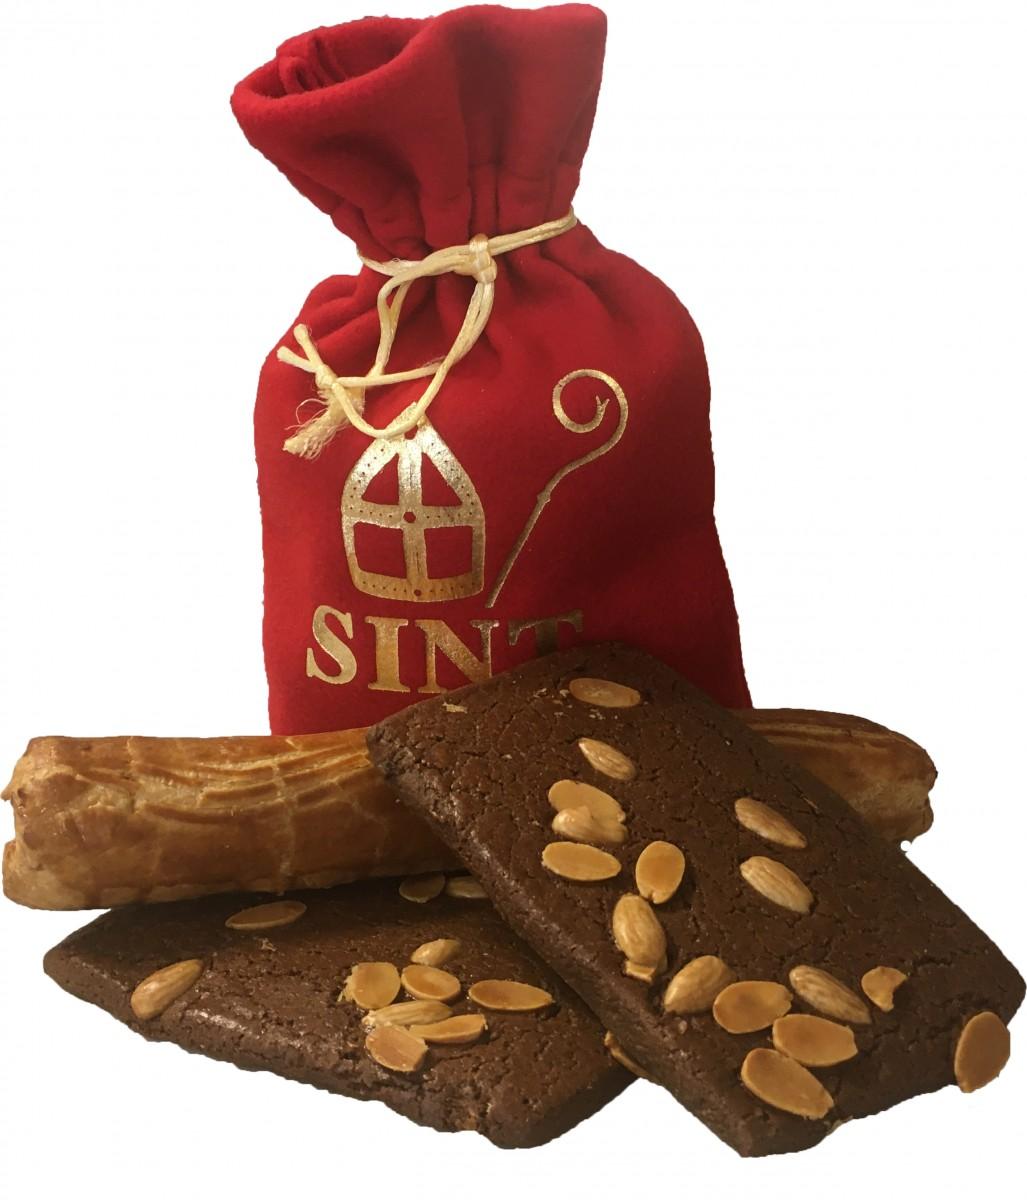 cadeau tip: gevulde Sint tas of Zak van Sinterklaas